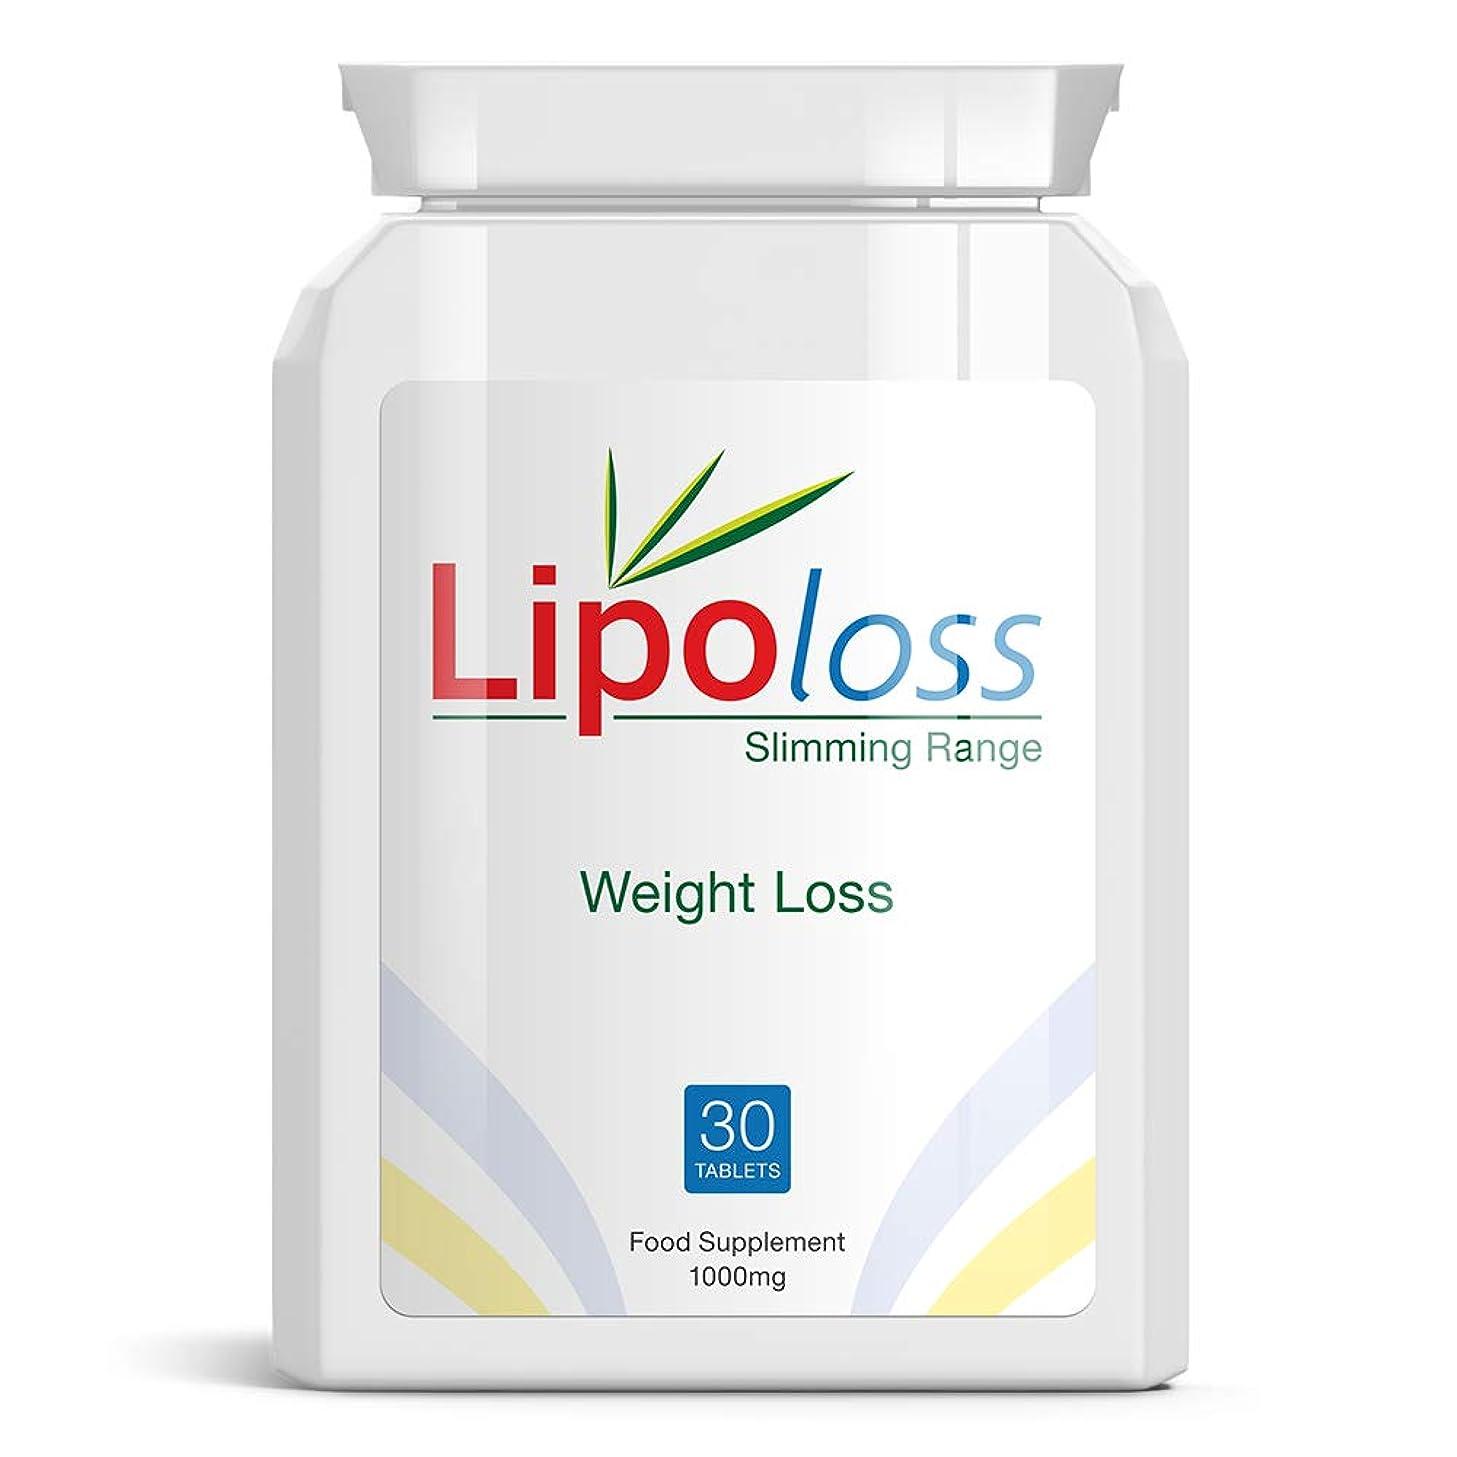 助言十分にバッジLIPOLOSS Weight Loss Natural Pills 減量ナチュラルサプリメントカプセル- 食餌 スリミング-が genryō nachurarusapurimentokapuseru - Surimingu- shokuji ekusutorīmu fatto loss - ga -